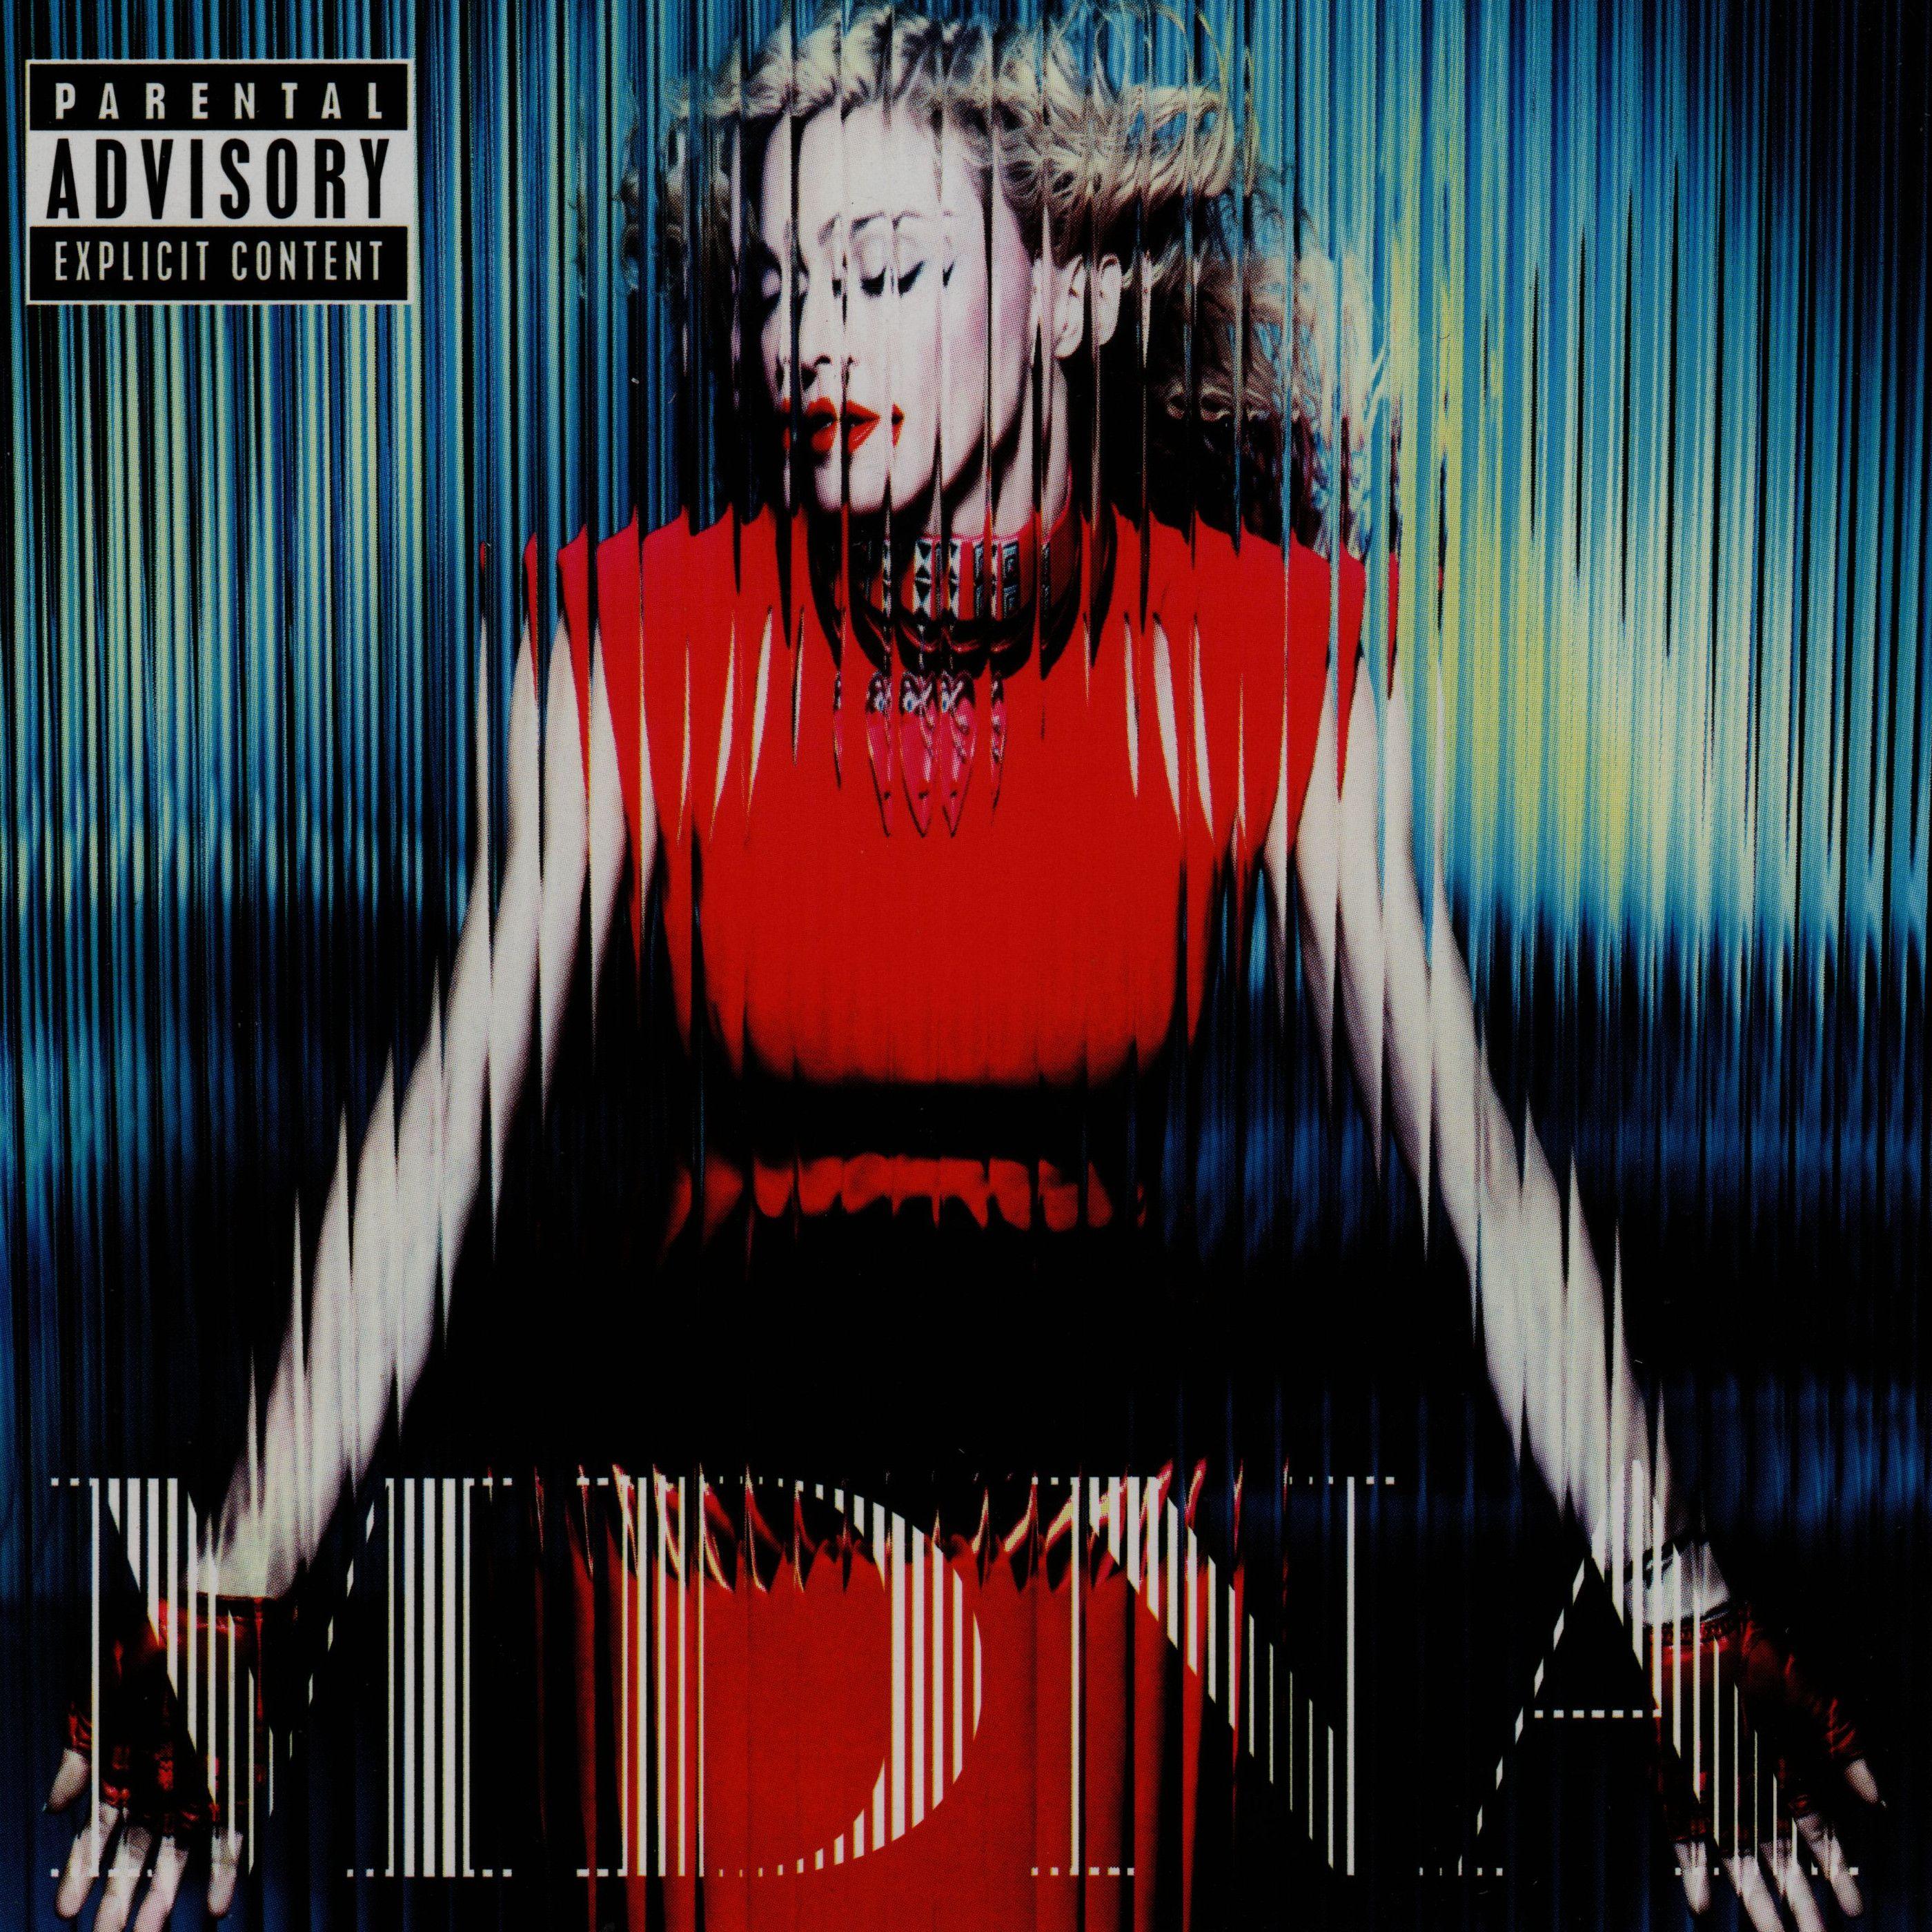 Madonna - MDNA album cover